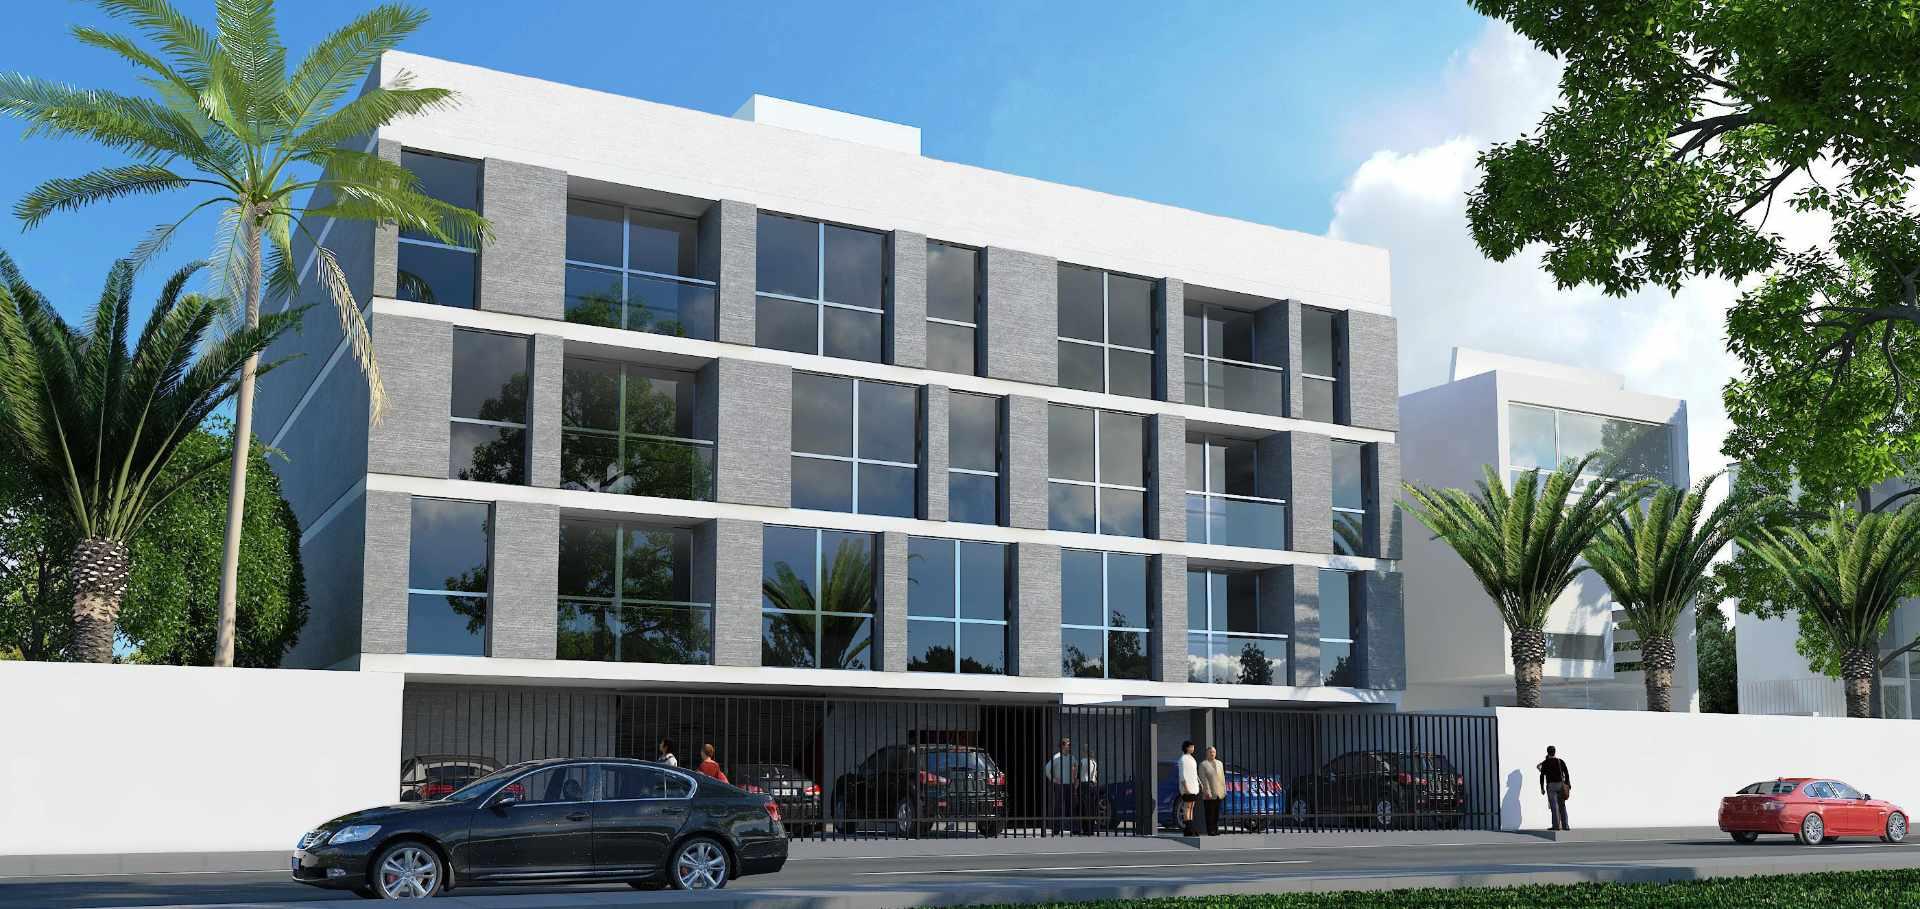 Departamento en Venta Barrio Urbari, a dos cuadras del segundo anillo, Edificio Andreas Premium Loft Foto 1